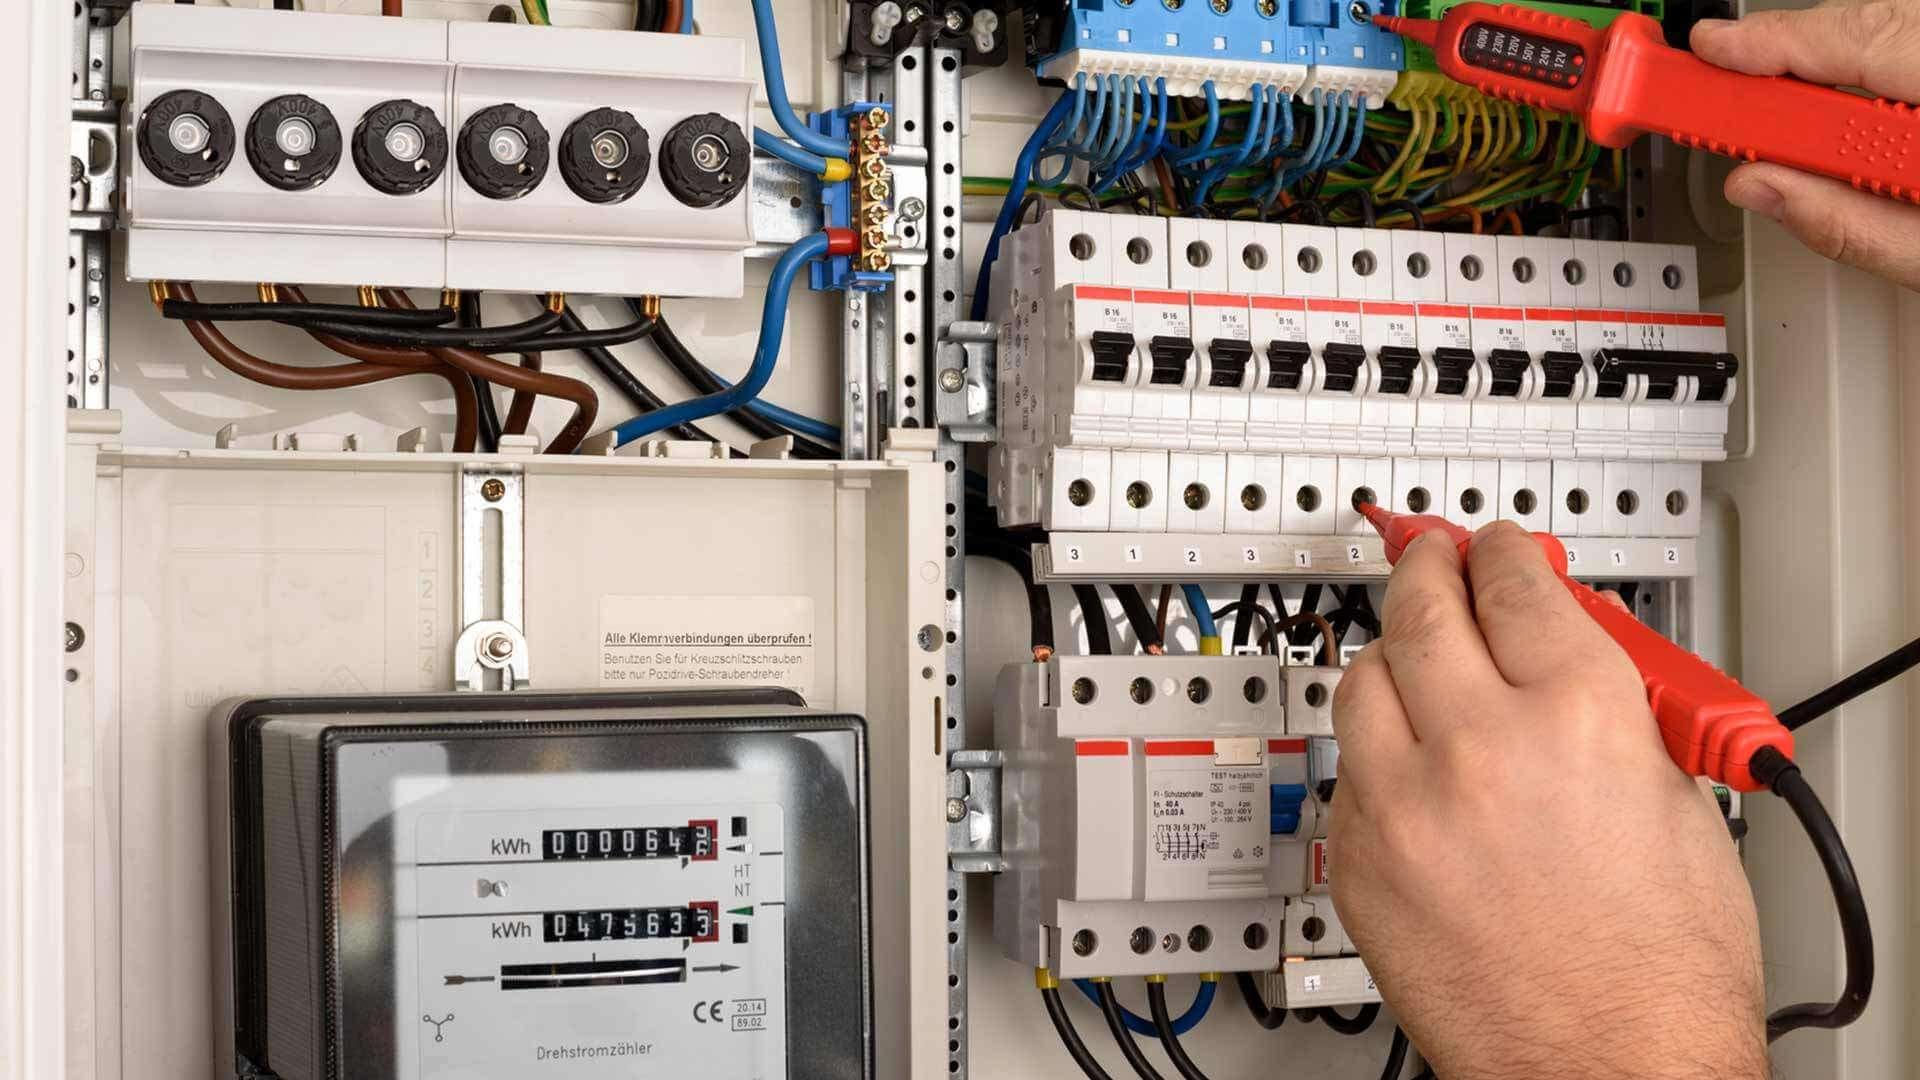 Anlagenprüfung und Stromkreisprüfung